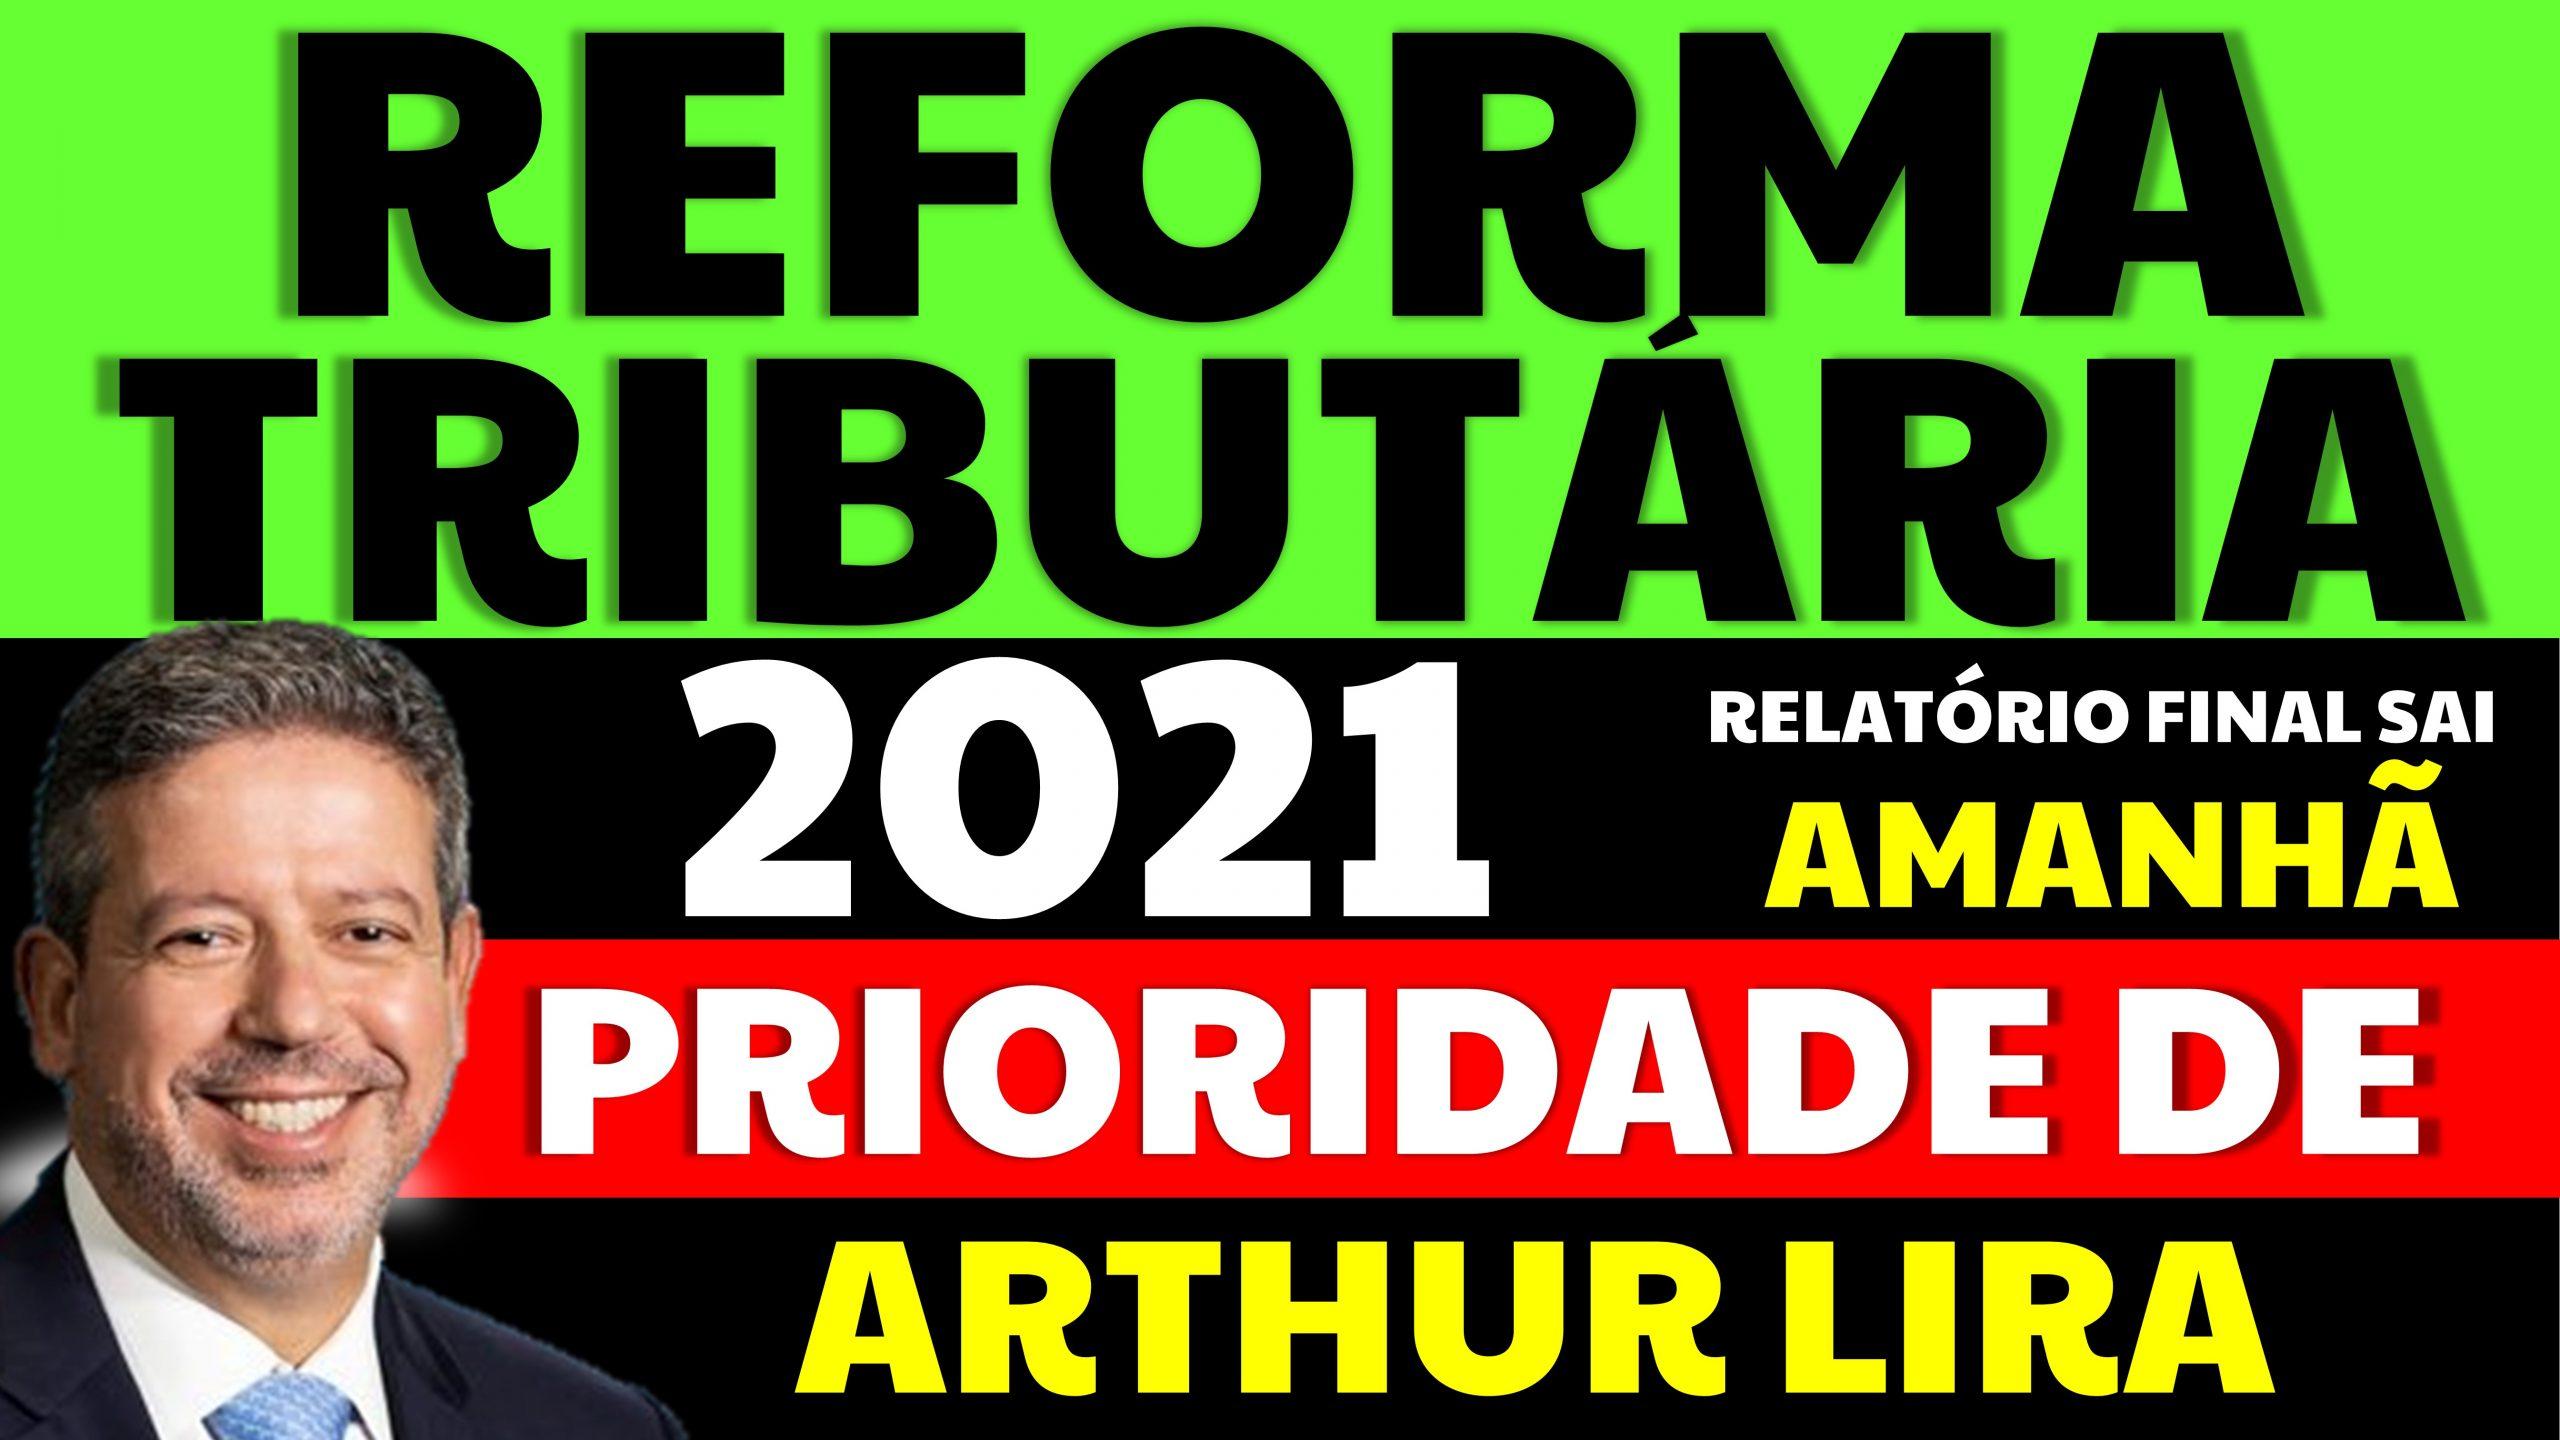 Reforma Tributária é a prioridade para Arthur Lira